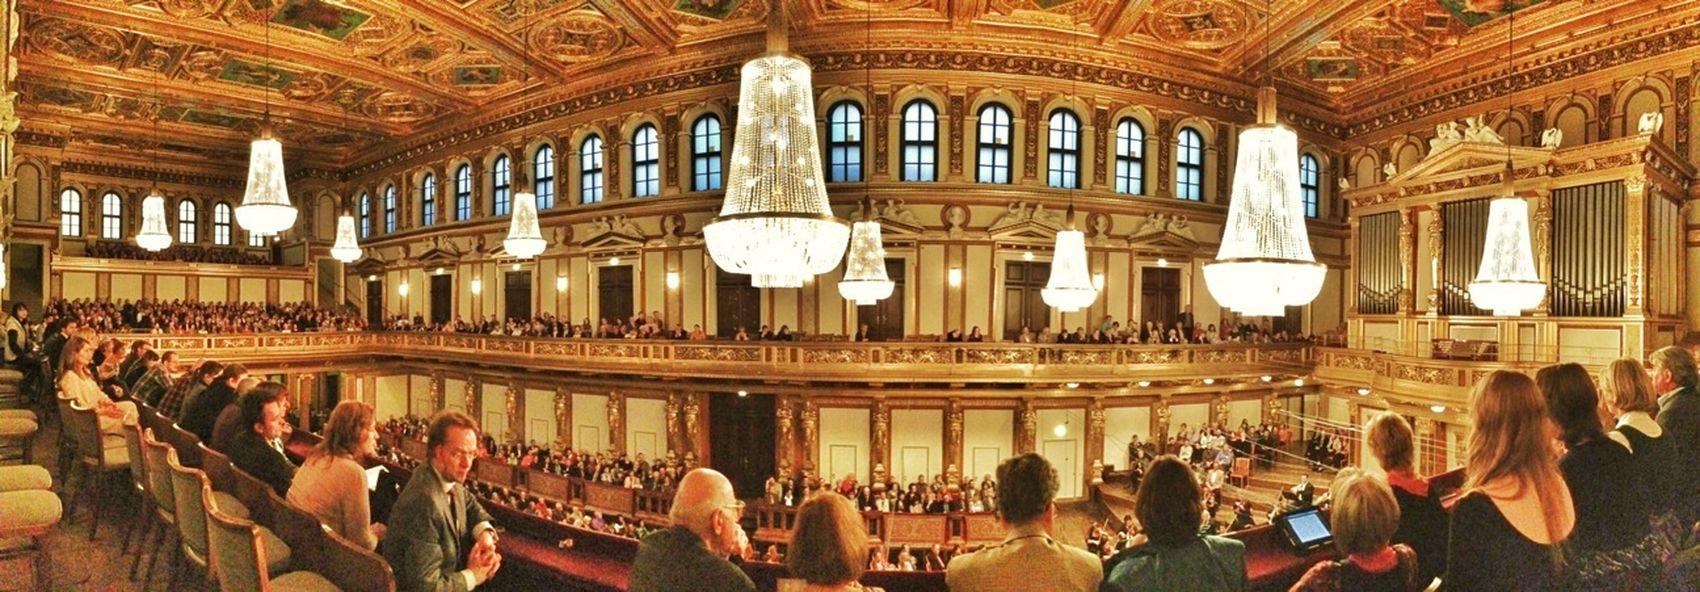 When in Vienna, this is what you do. #wien #vienna #concert #music #musikverein